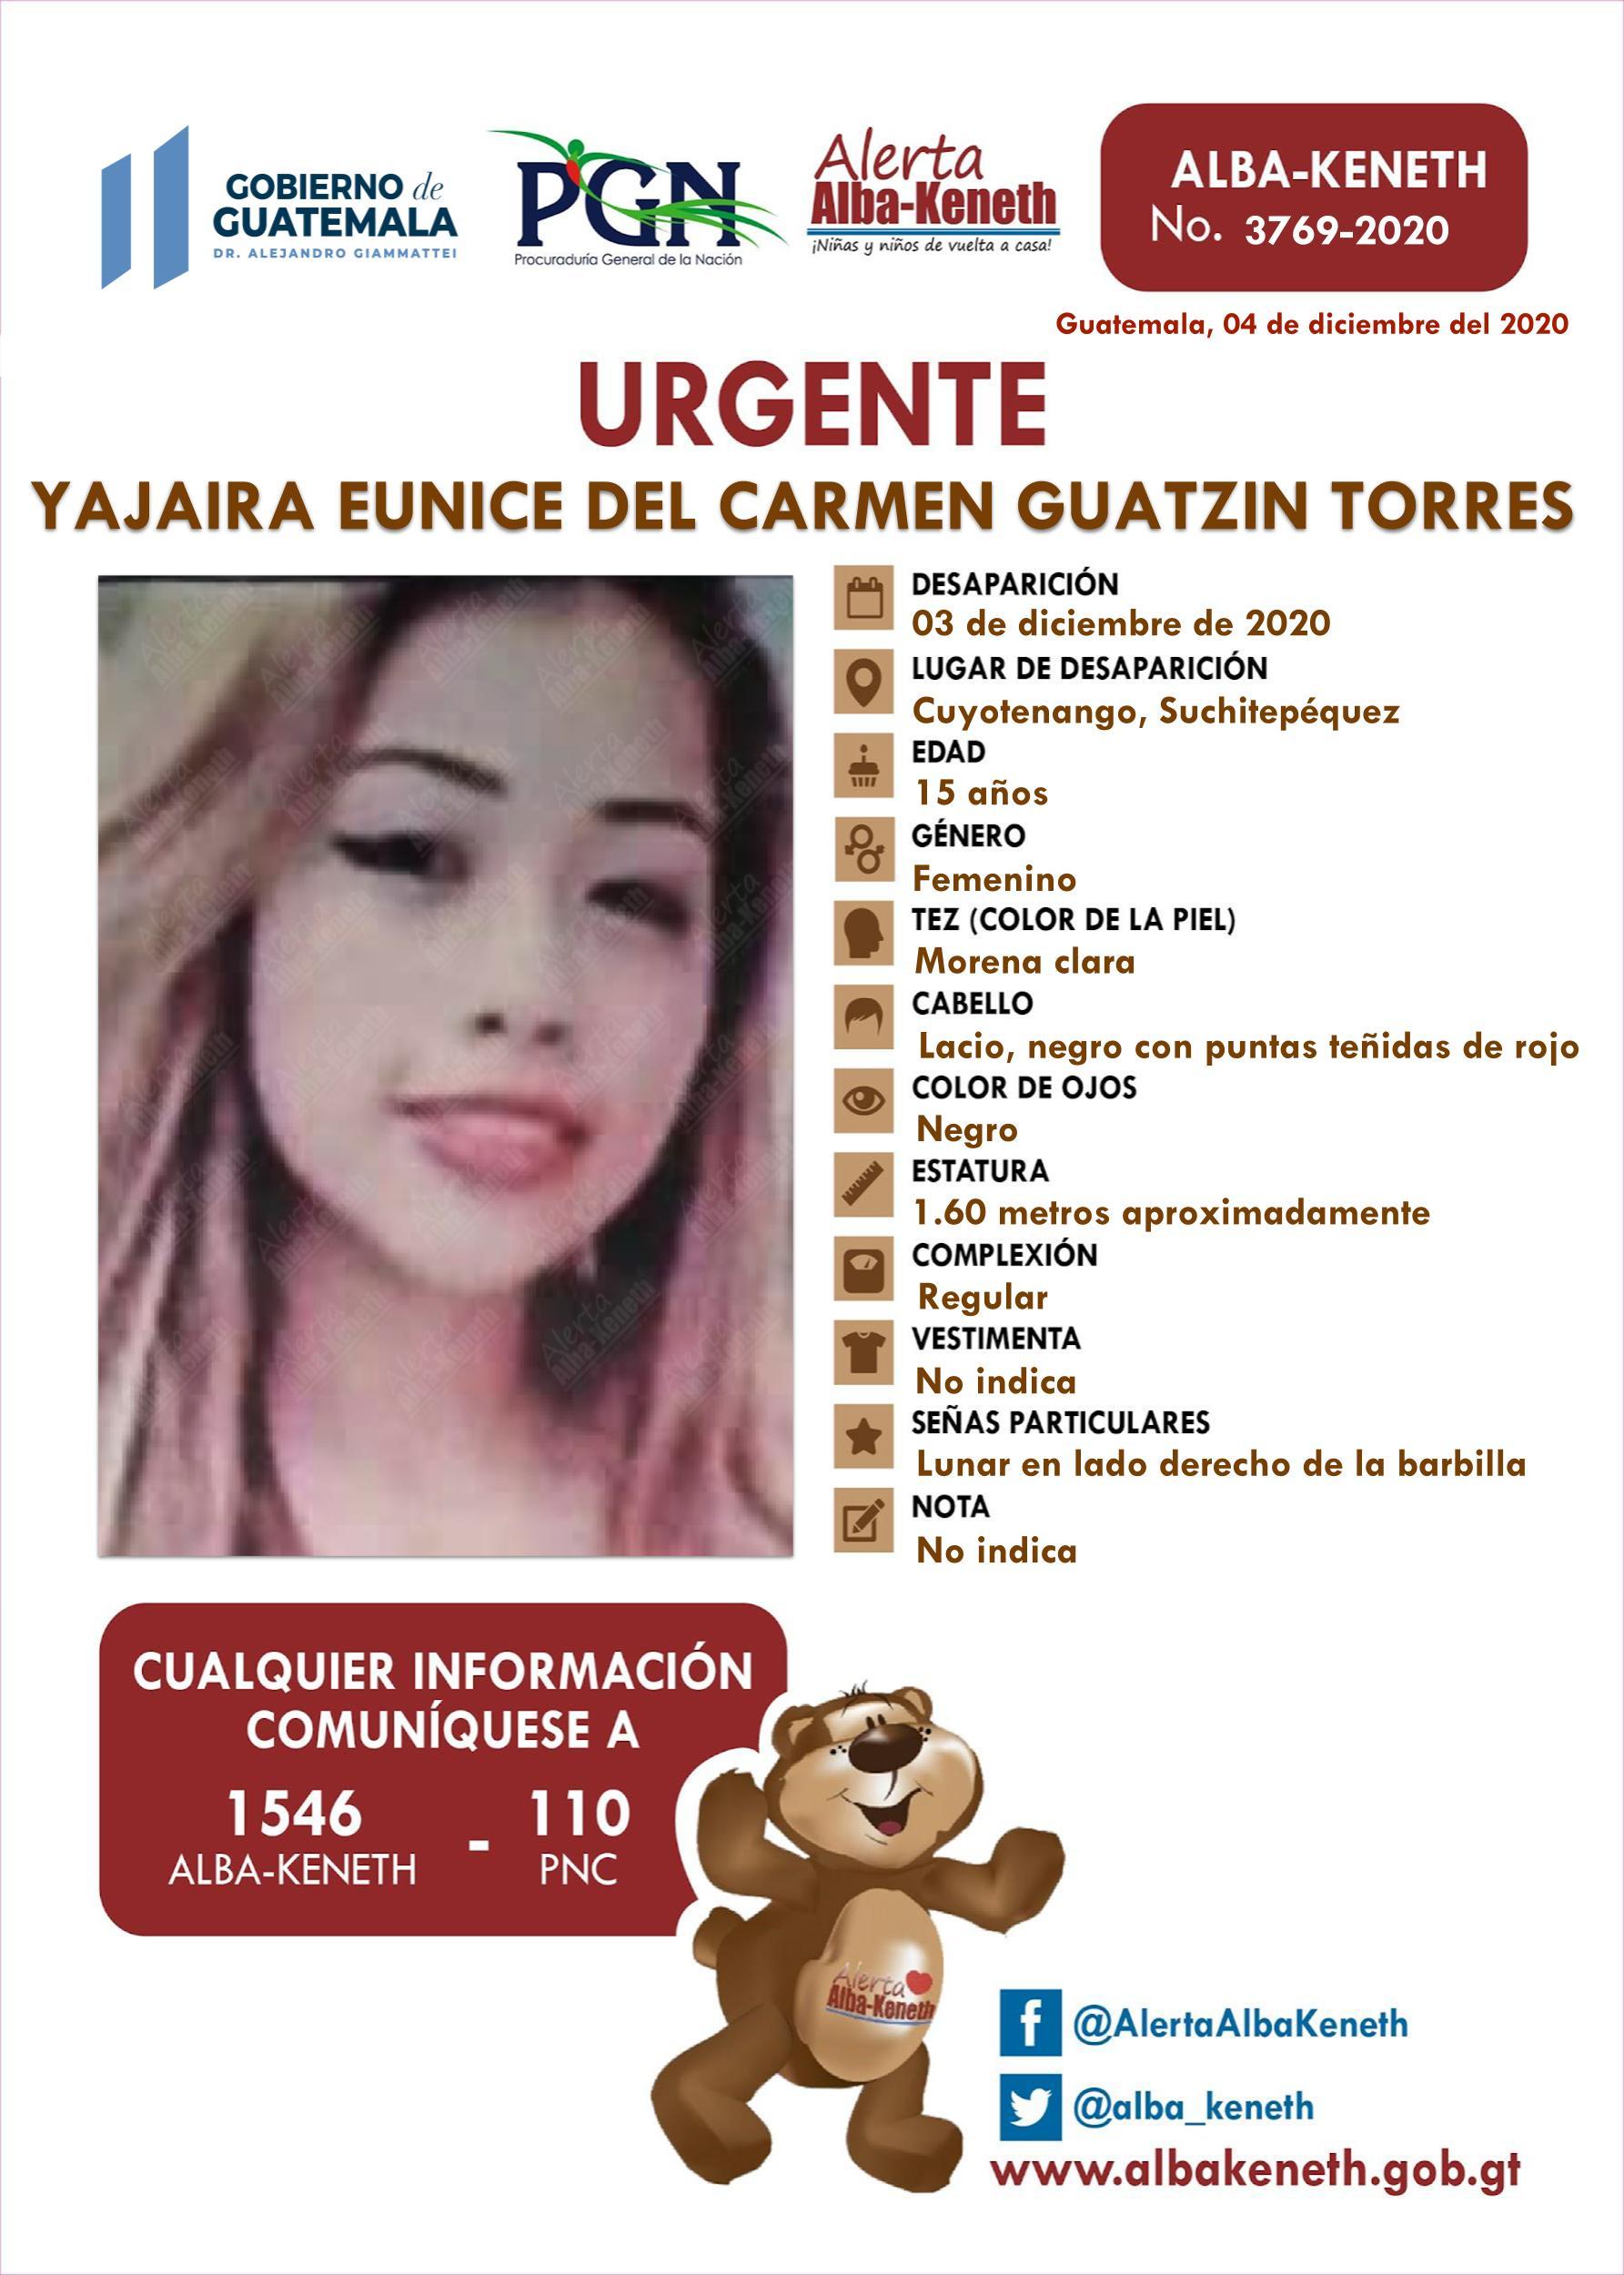 Yajaira Eunice del Carmen Guatzin Torres